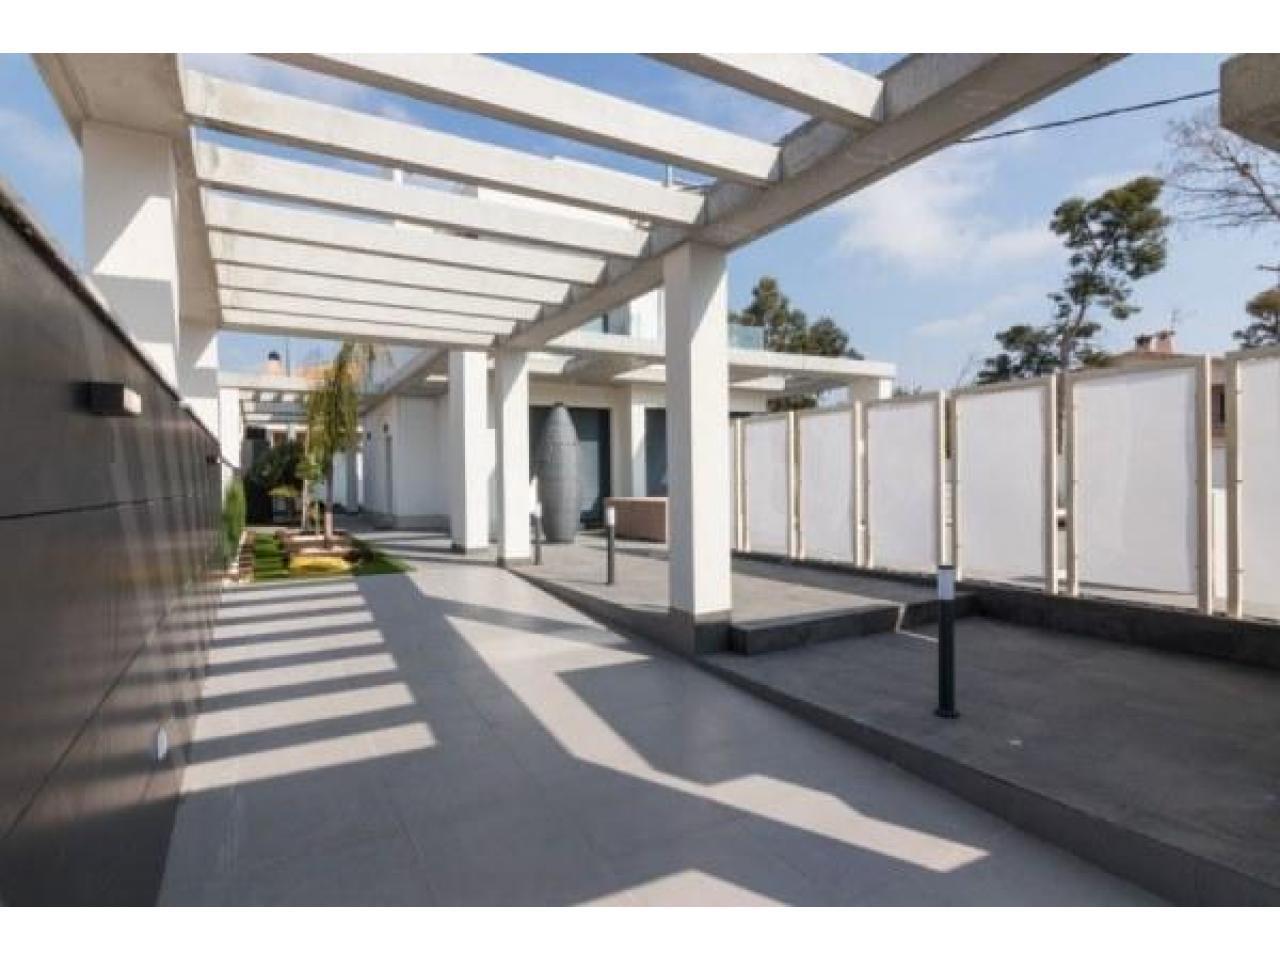 Недвижимость в Испании, Новая вилла рядом с морем от застройщика в Кампельо - 10